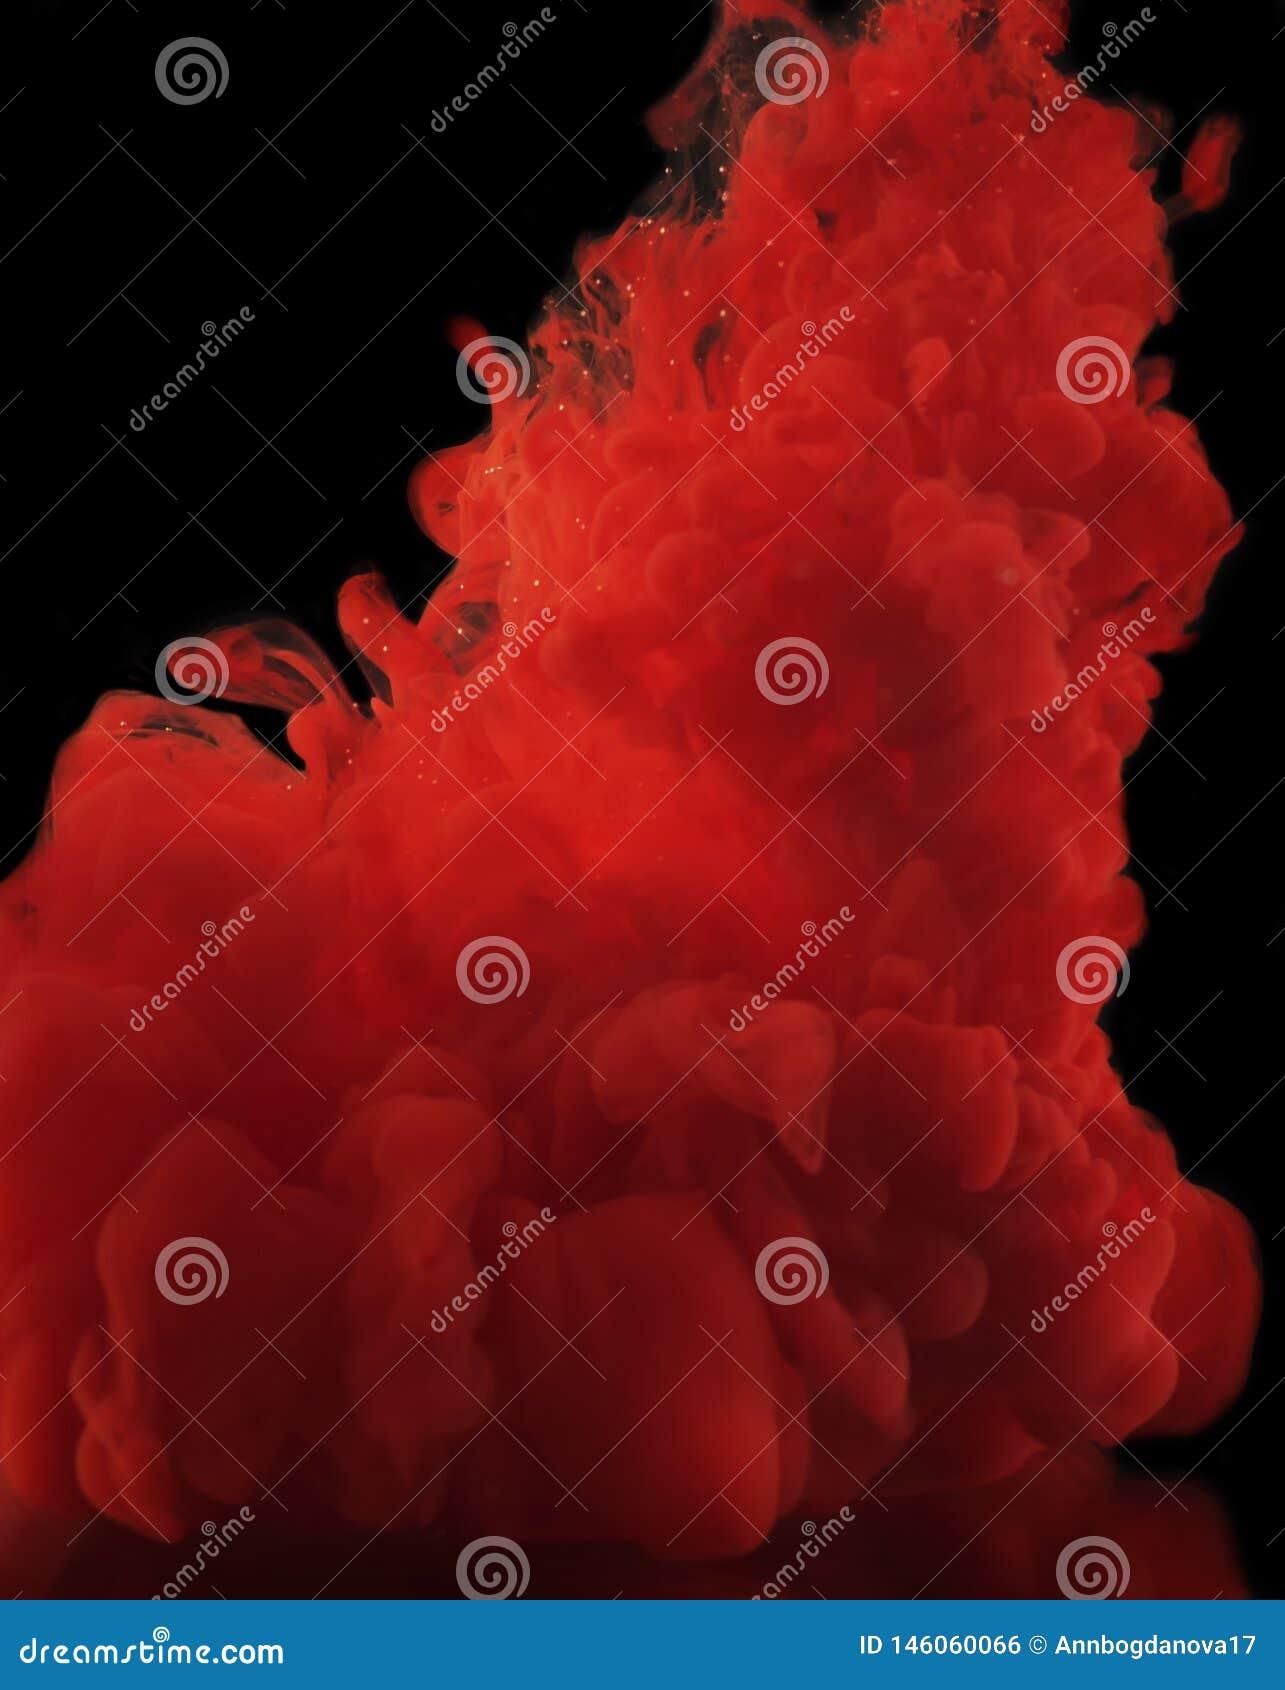 Κόκκινες μπούκλες χρωμάτων σε ένα μαύρο υπόβαθρο